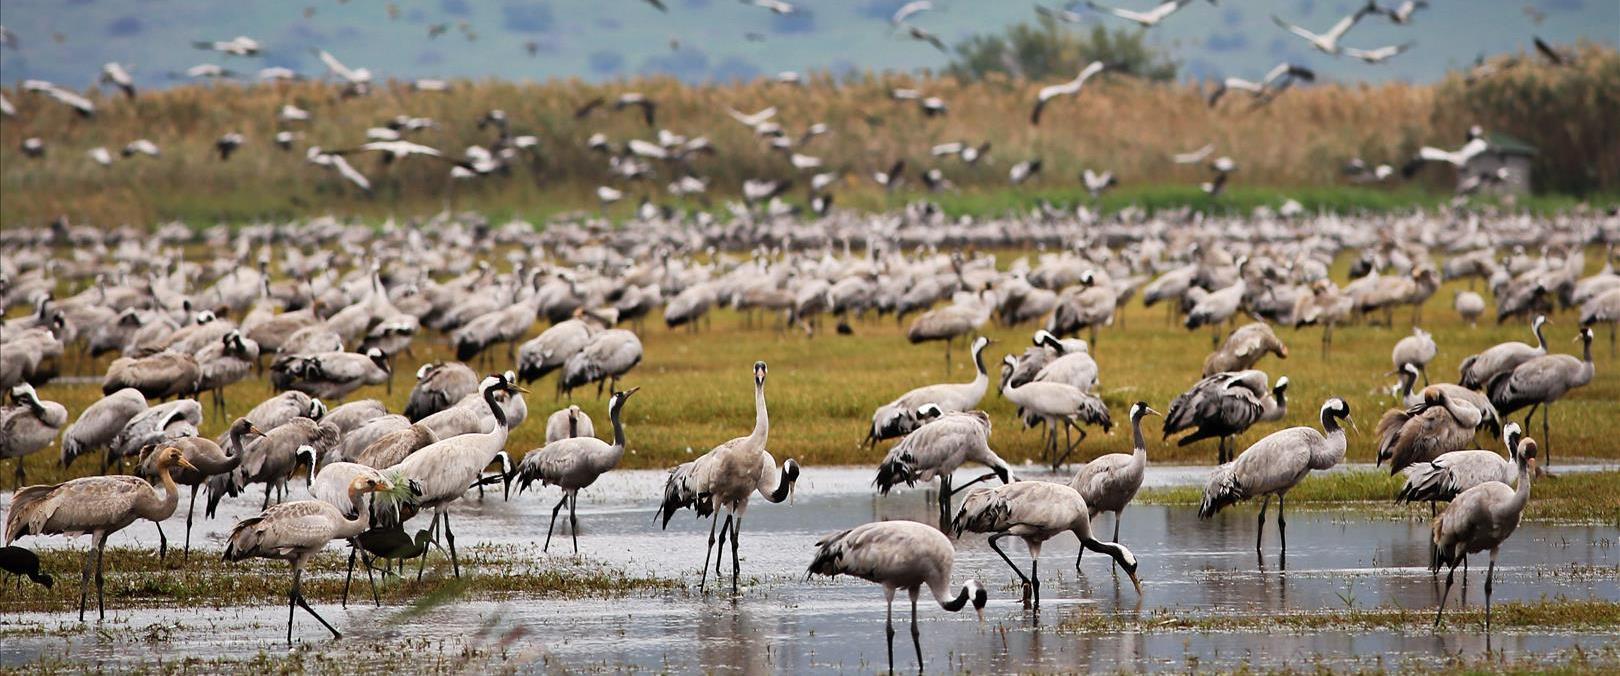 ציפורים נוחתות בעמק החולה